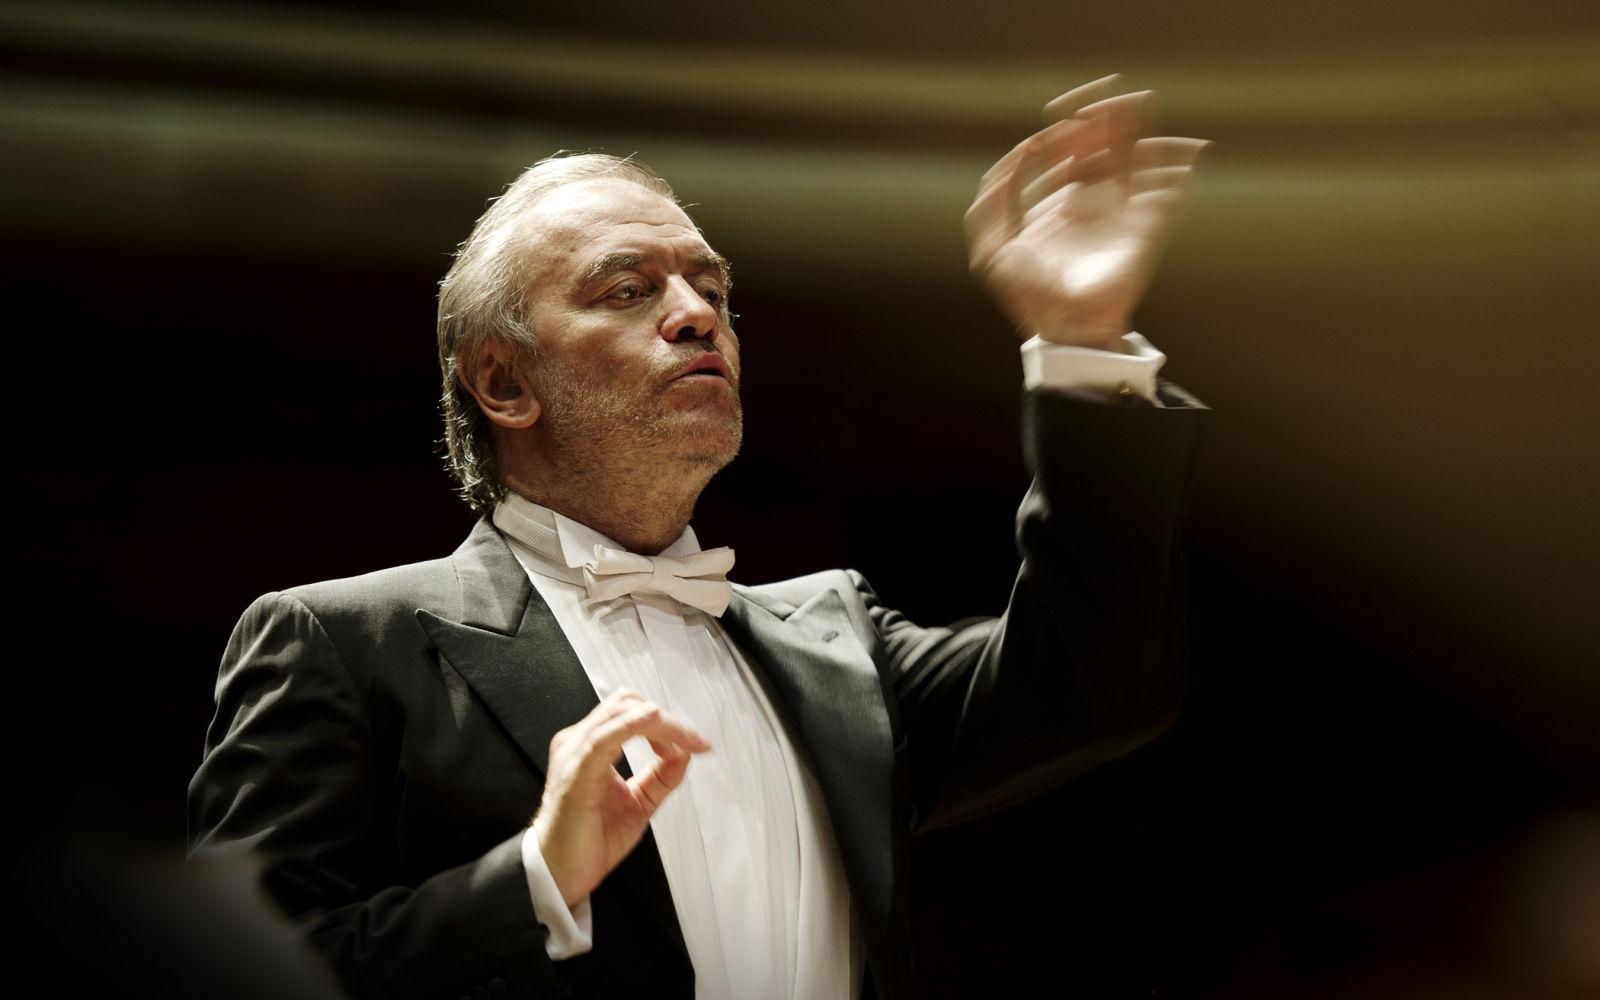 La Filarmónica inaugura un canal en Youtube con contenidos sobre sus conciertos y artistas